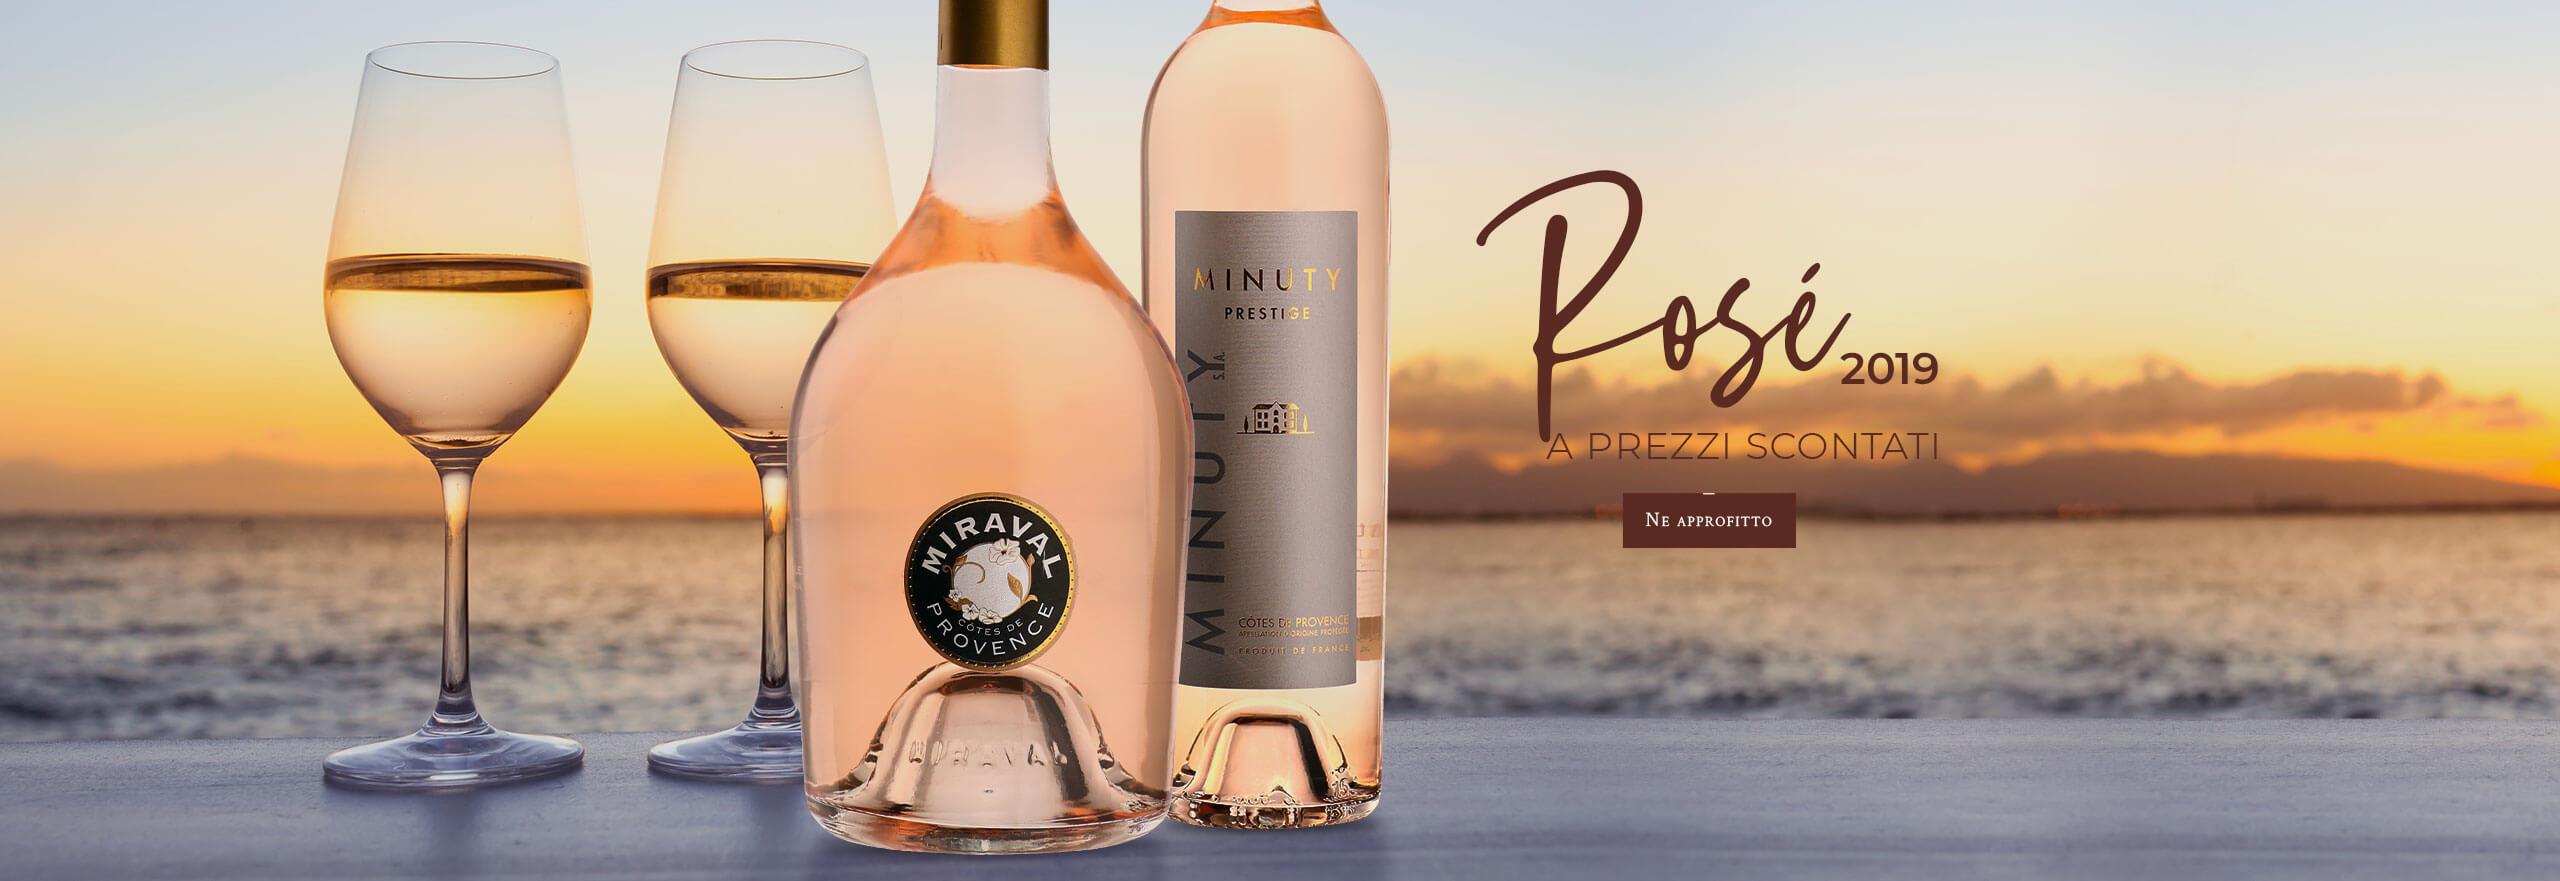 Rosé 2019 a prezzi scontati